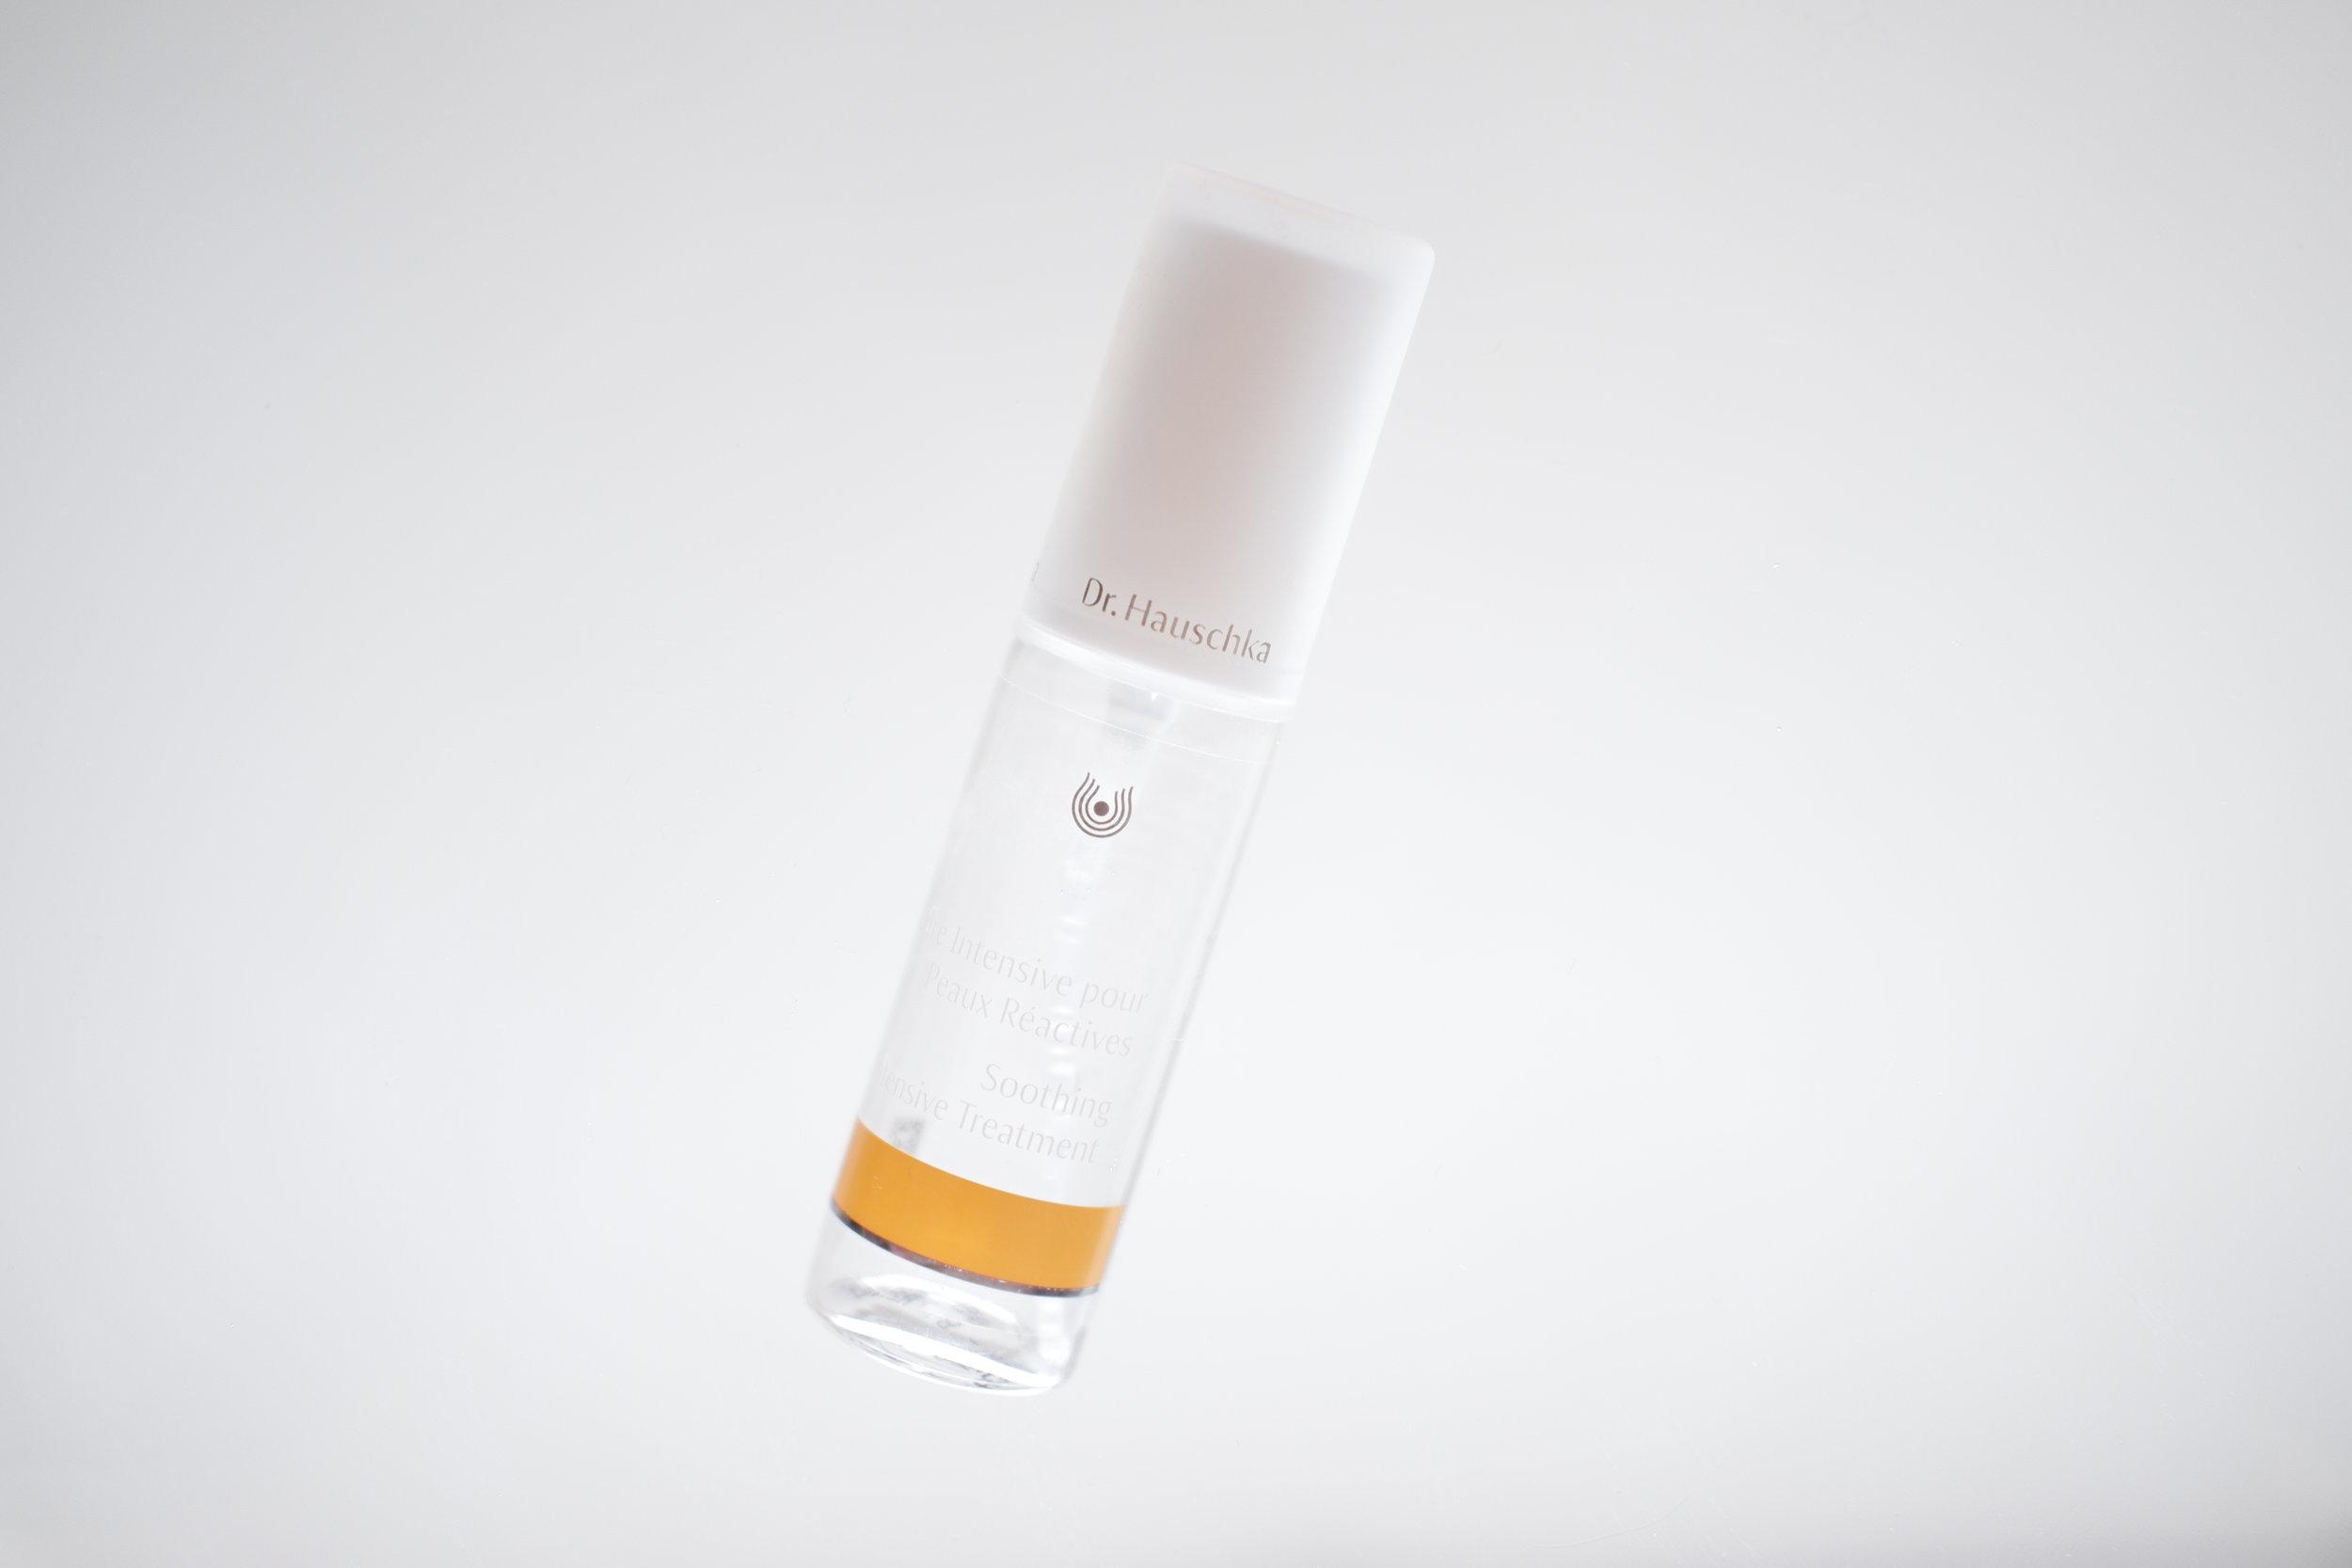 Viikko 13/2019:  Dr. Hauschka Soothing Intensive Treatment  - Tehokuuri herkälle iholle kun iho on epätasapainossa ja tarvitsee normalisoivia tuotteita. Erinomainen herkistyneelle ja ärtyneelle iholle. Syy epätasapainoon voi olla vaikka atopia, rosacea tai hormoniepätasapainotilat. Suihke rauhoittaa ihon tehokkaasti. Suihketta käytetään kuurina.